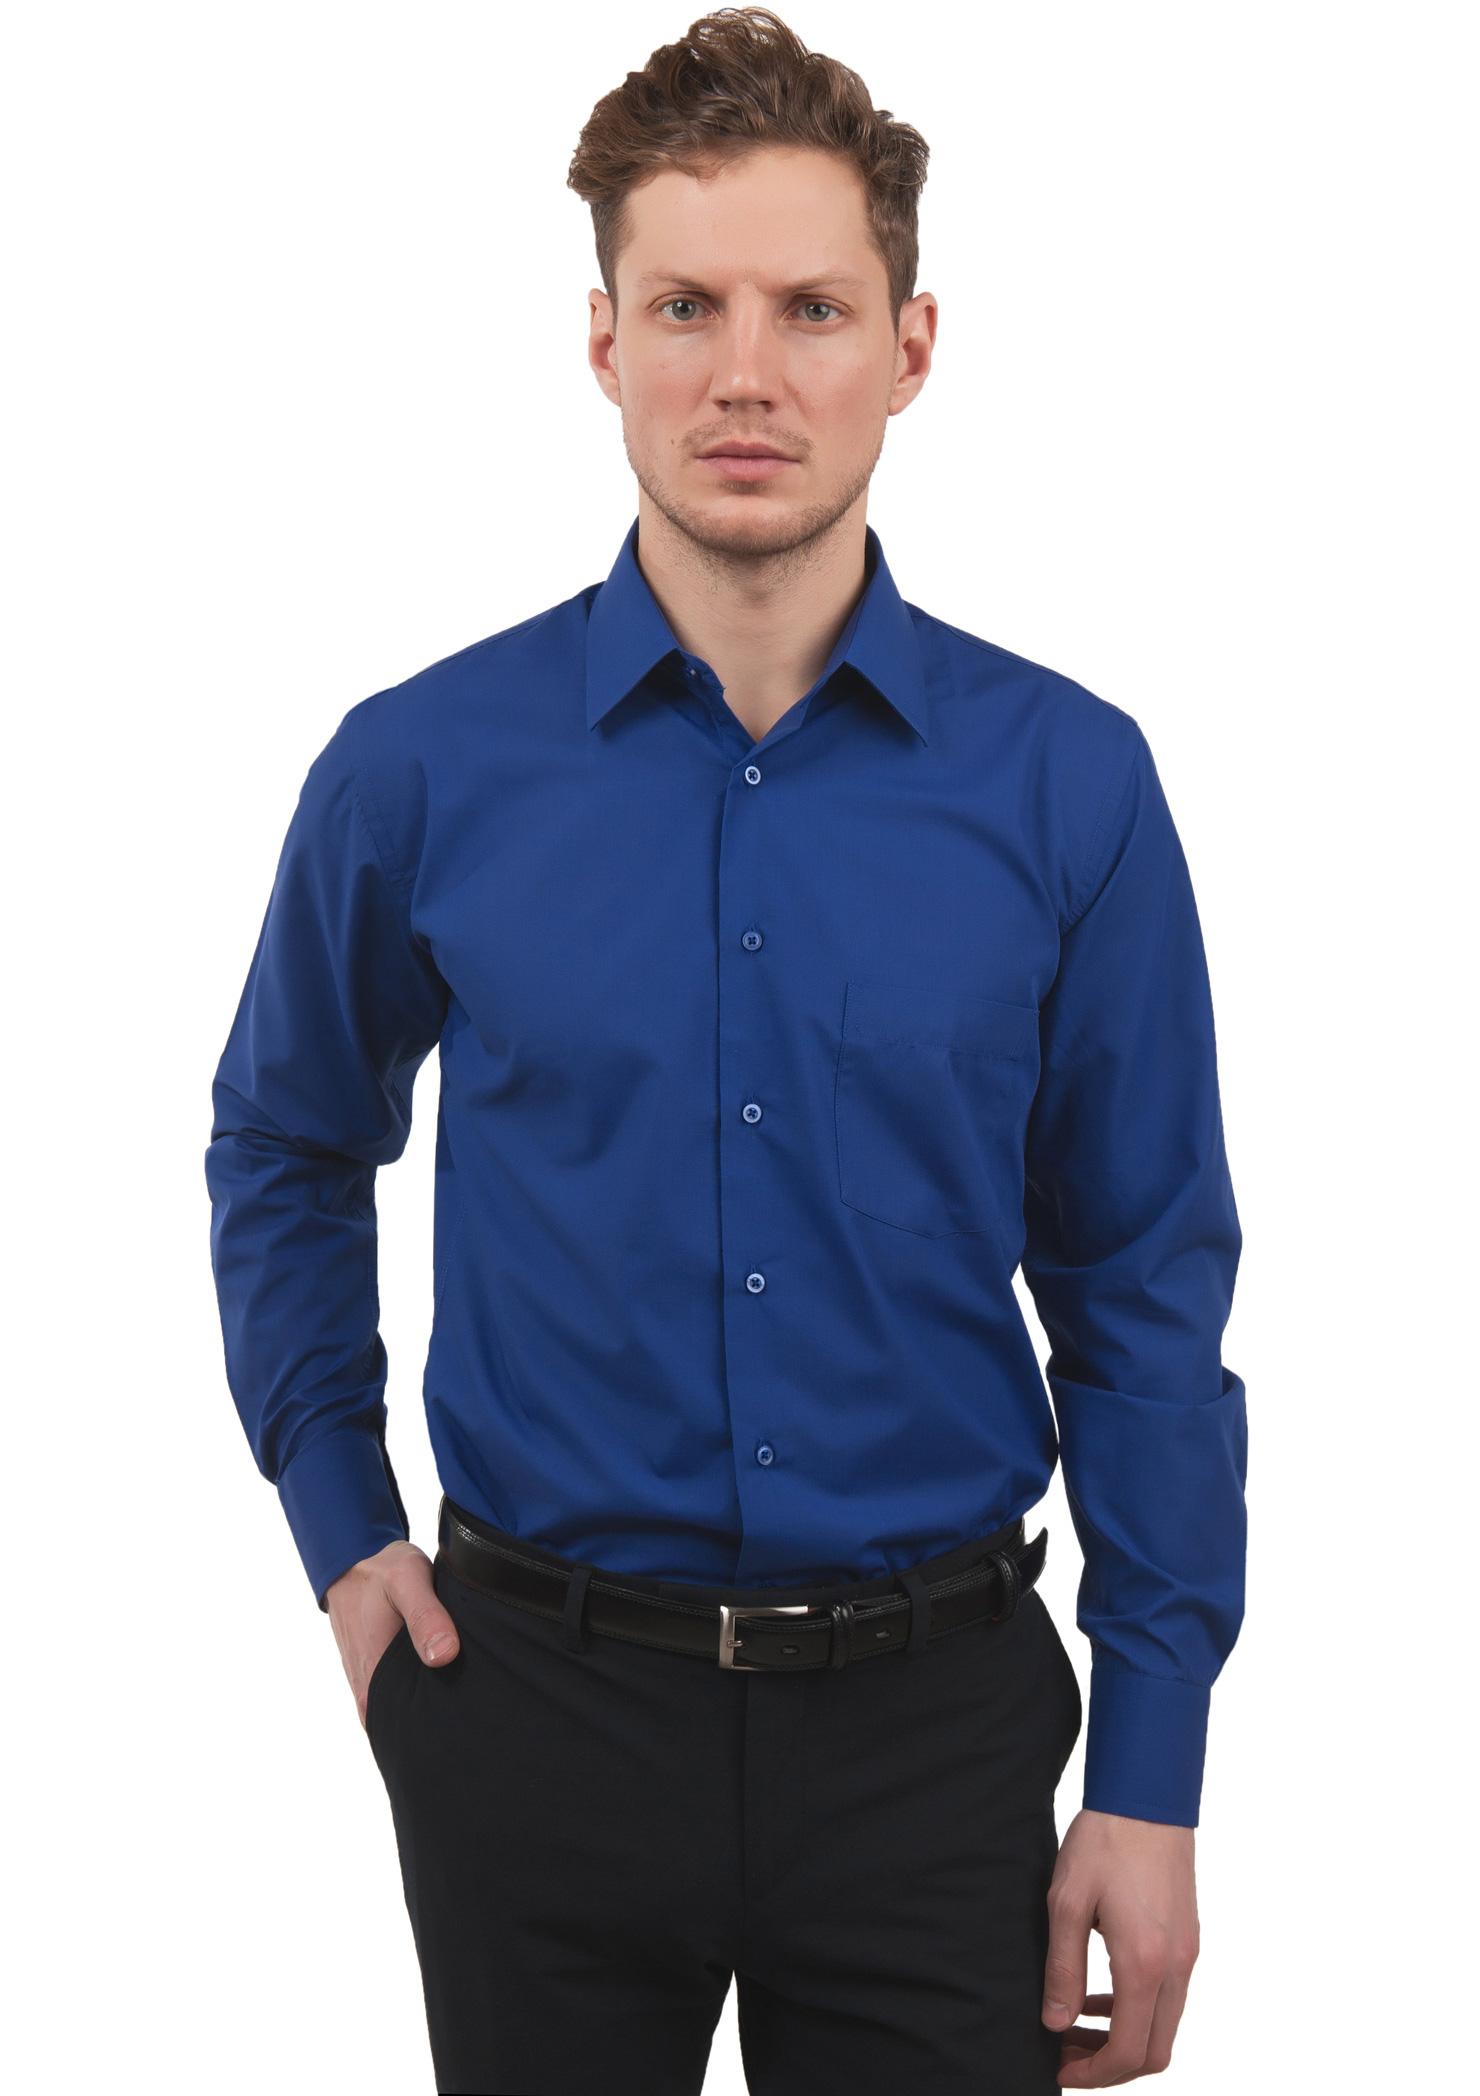 Женская Блузка Из Мужской Рубашки